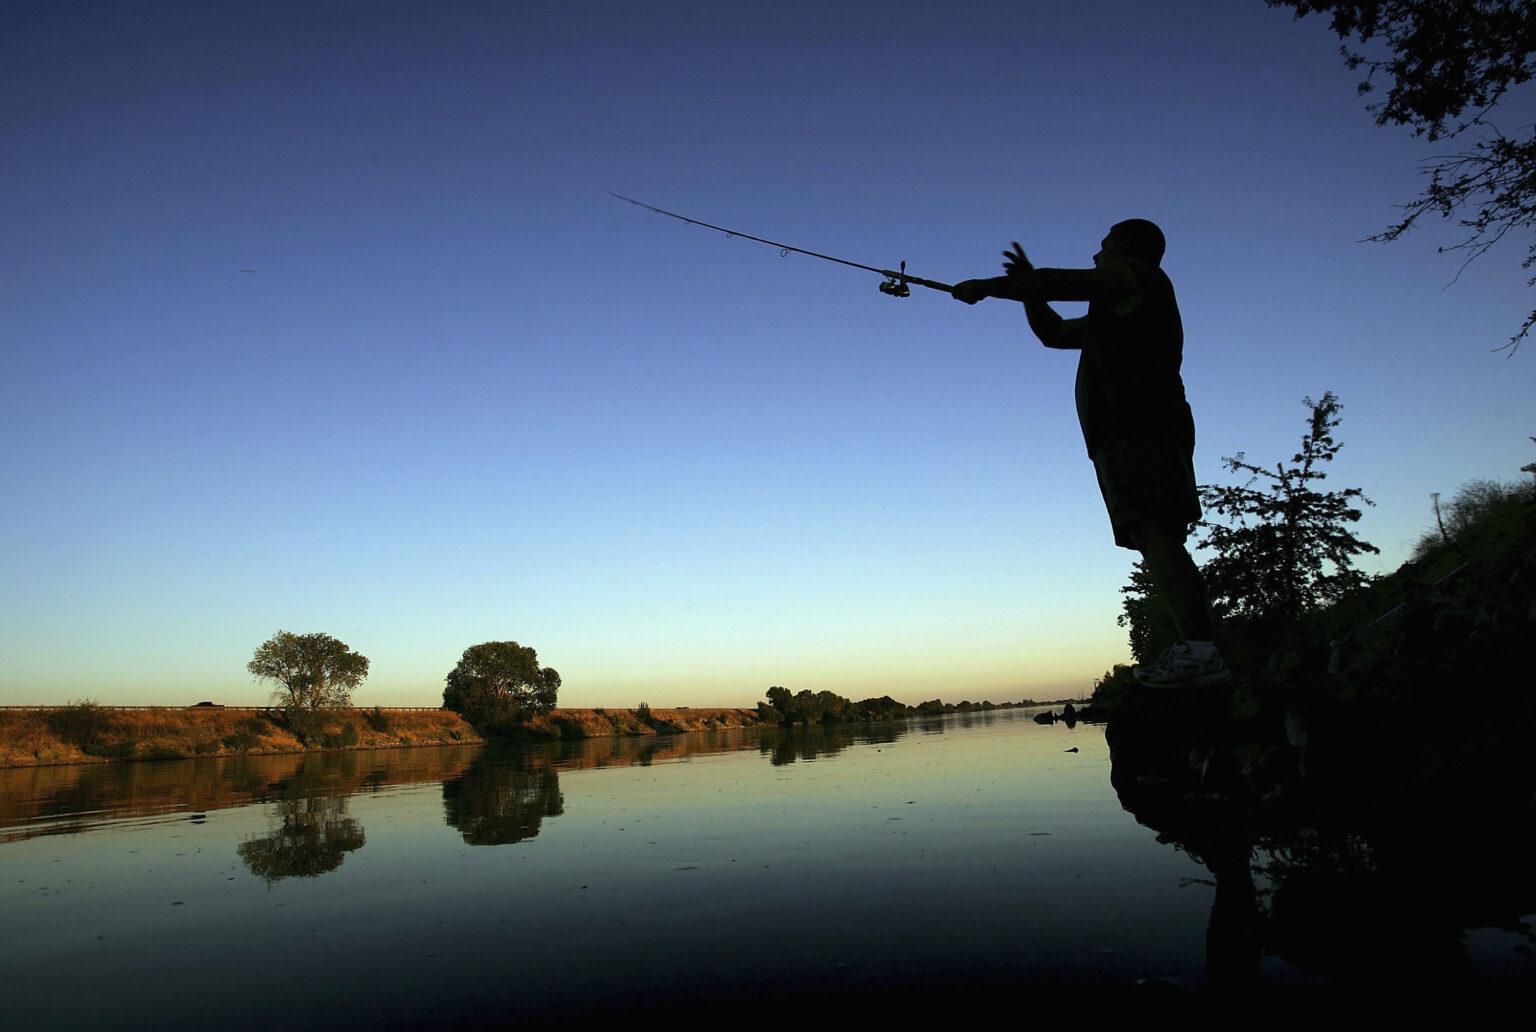 A fisherman casts his line into the Sacramento River in the Sacramento-San Joaquin River Delta on September 29, 2005 south of Sacramento, California.